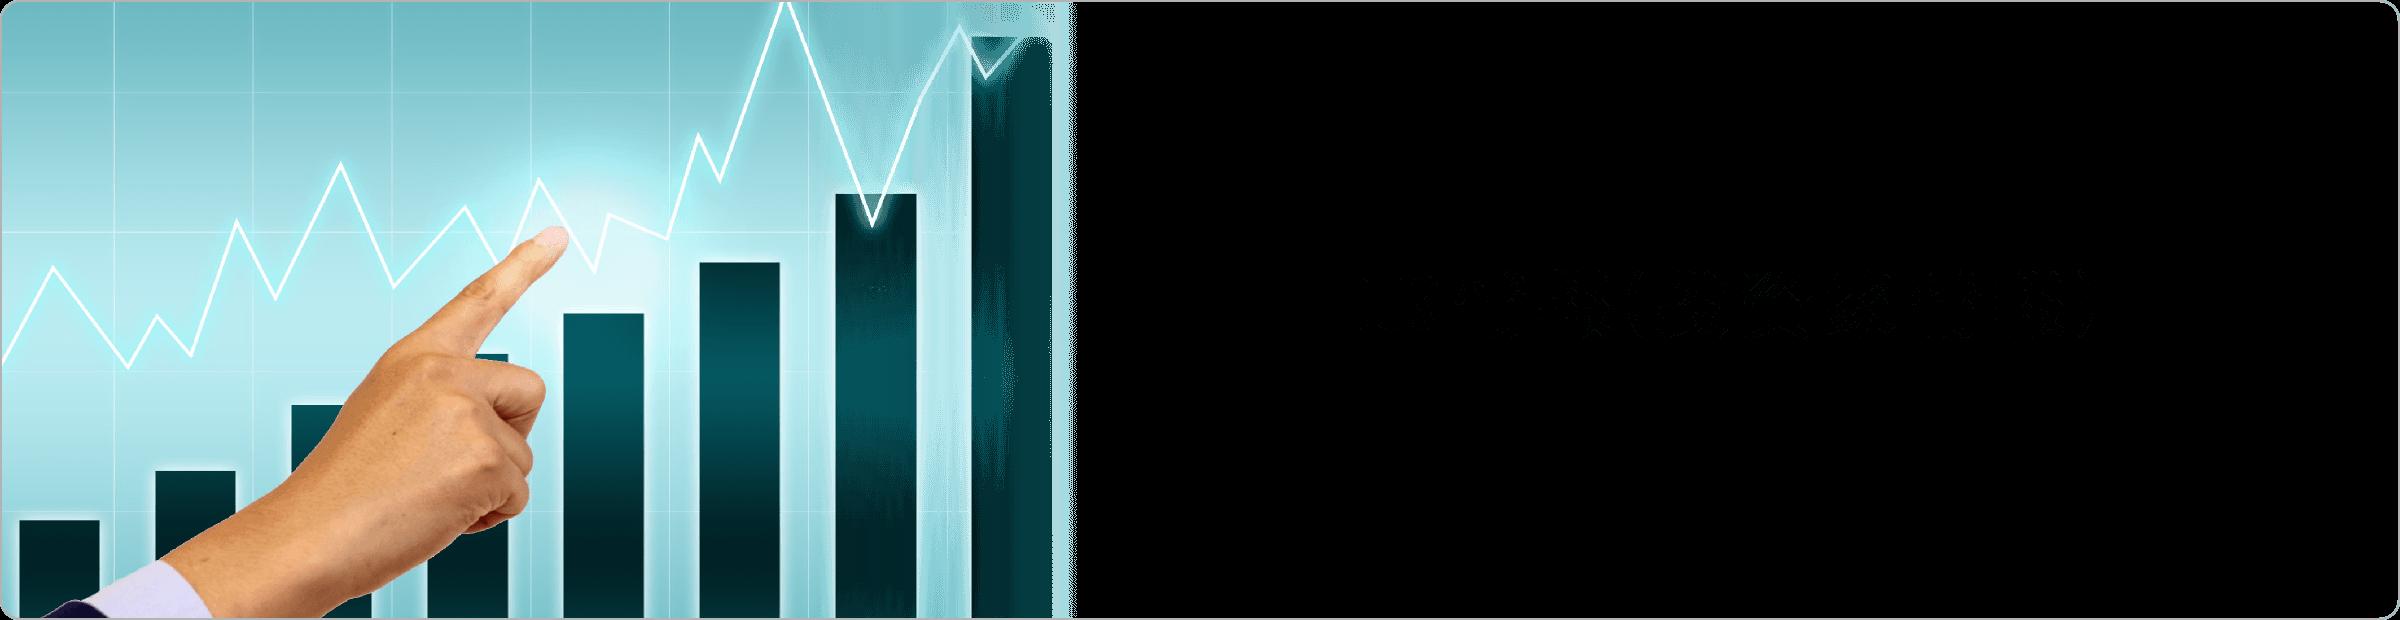 IR情報(投資家情報)